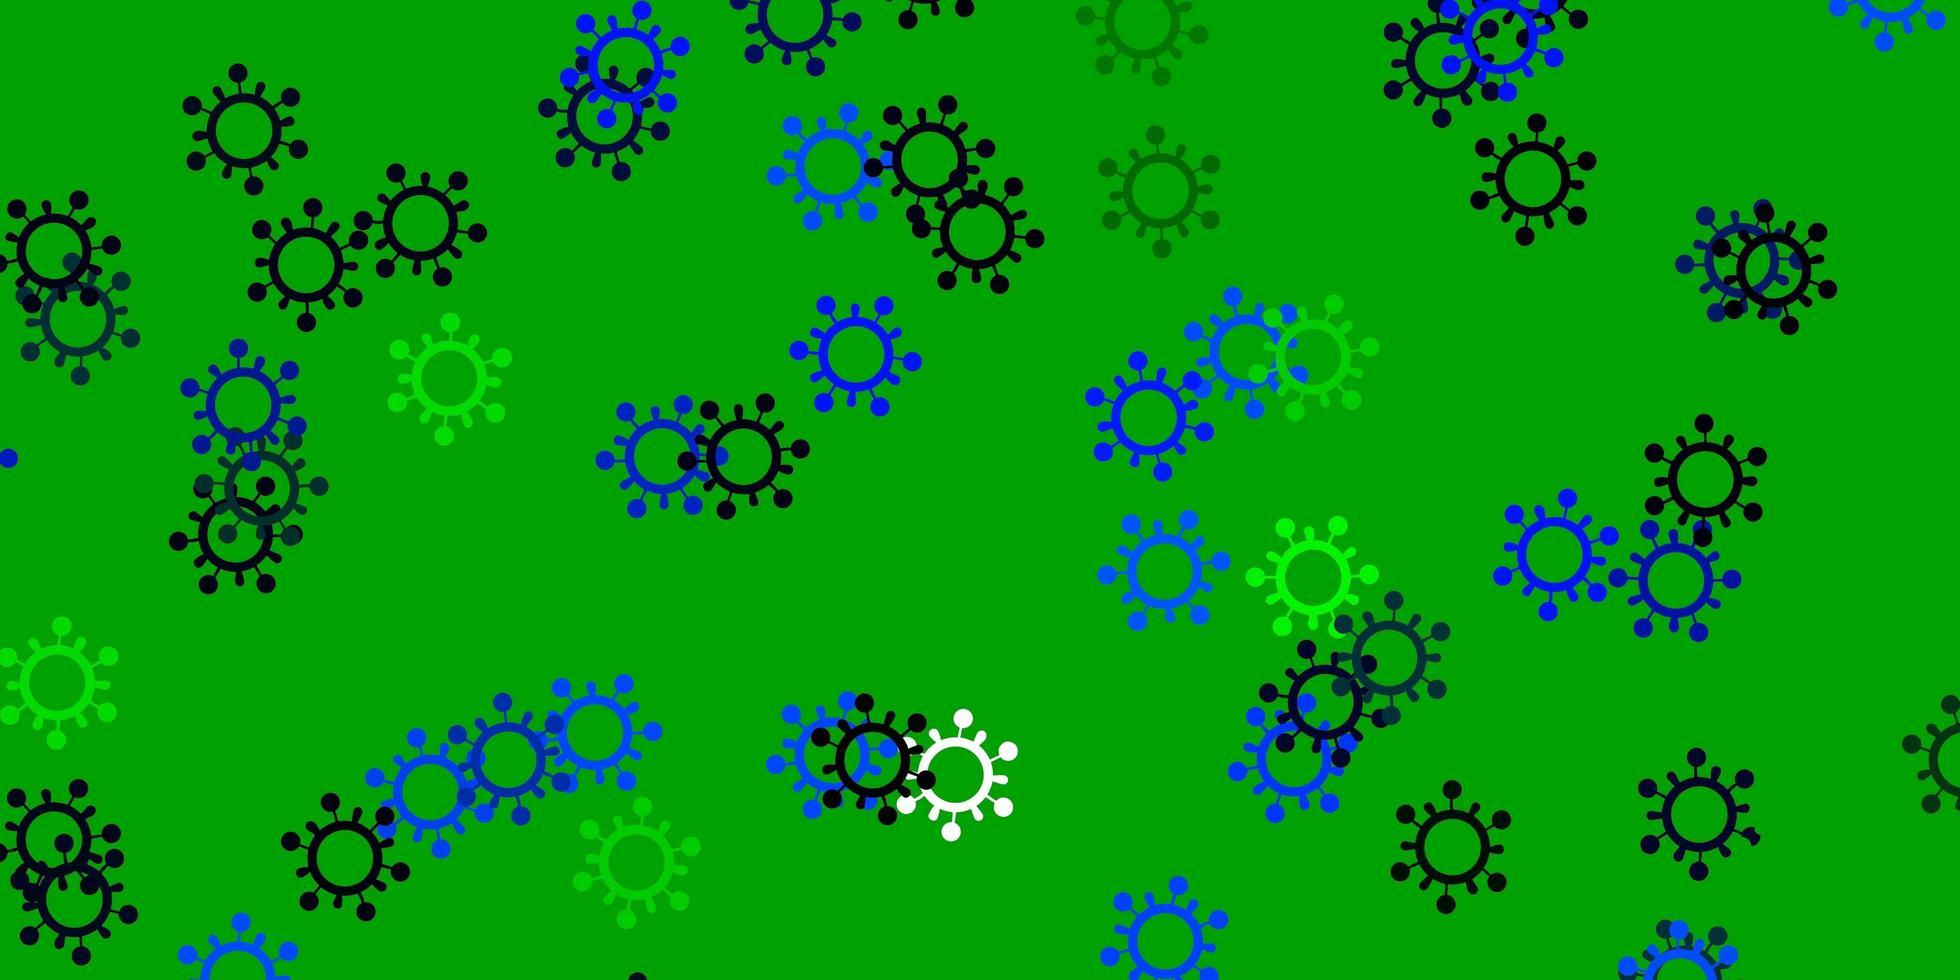 ljusblå, grön vektormall med influensatecken vektor